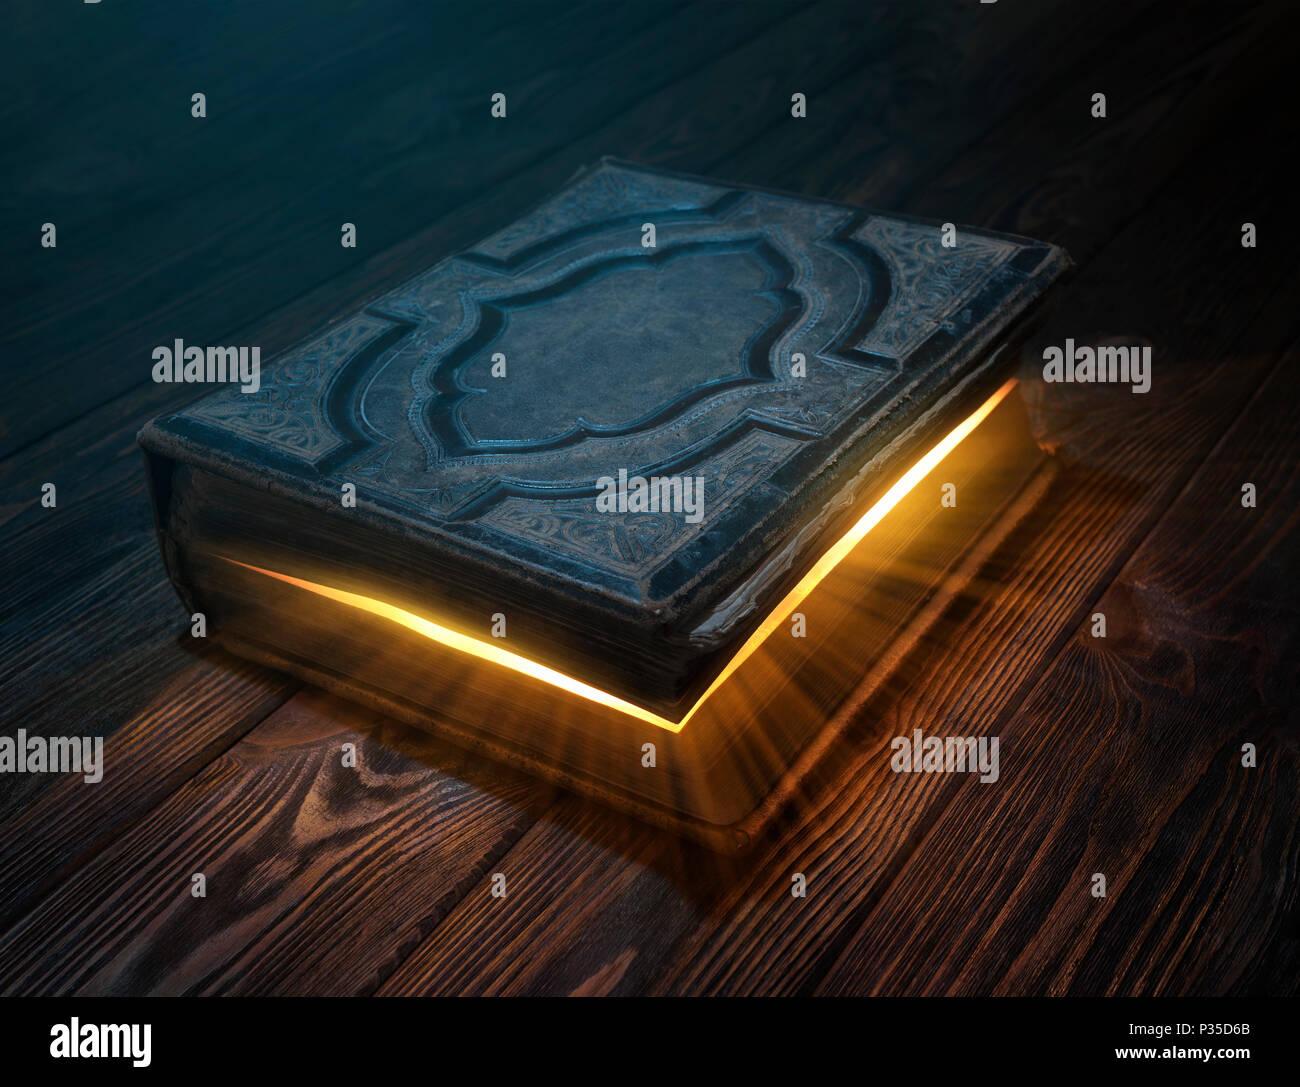 Alte Magie Buch auf Holztisch mit Lichtstrahlen aus Form instide Stockbild